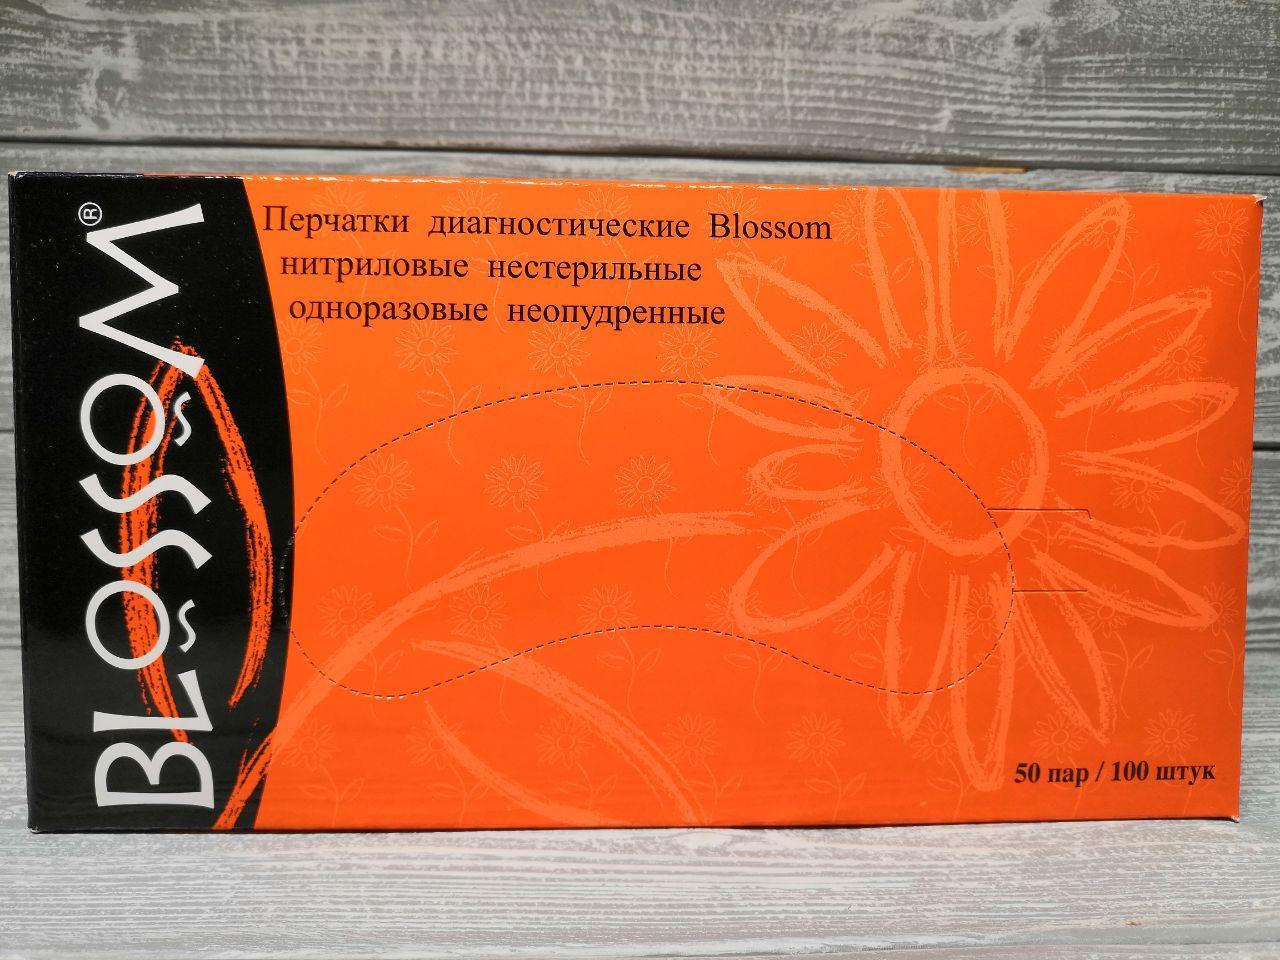 изображение Перчатки нитриловые Blossom 100шт (50 пар) L (Large) Черные